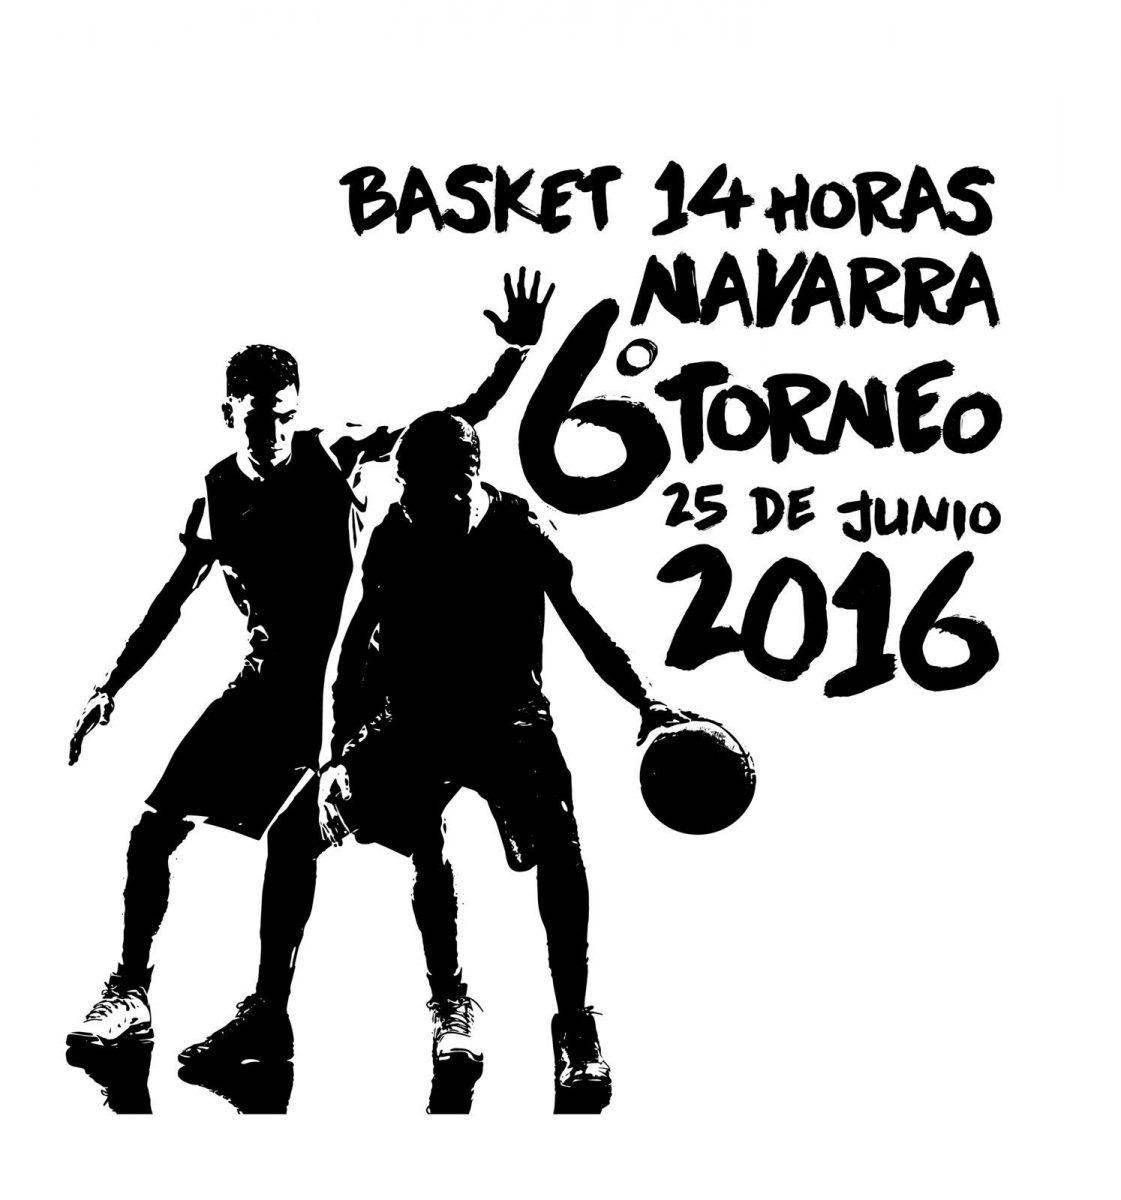 EQUIPO BASKET 14 HORAS NAVARRA